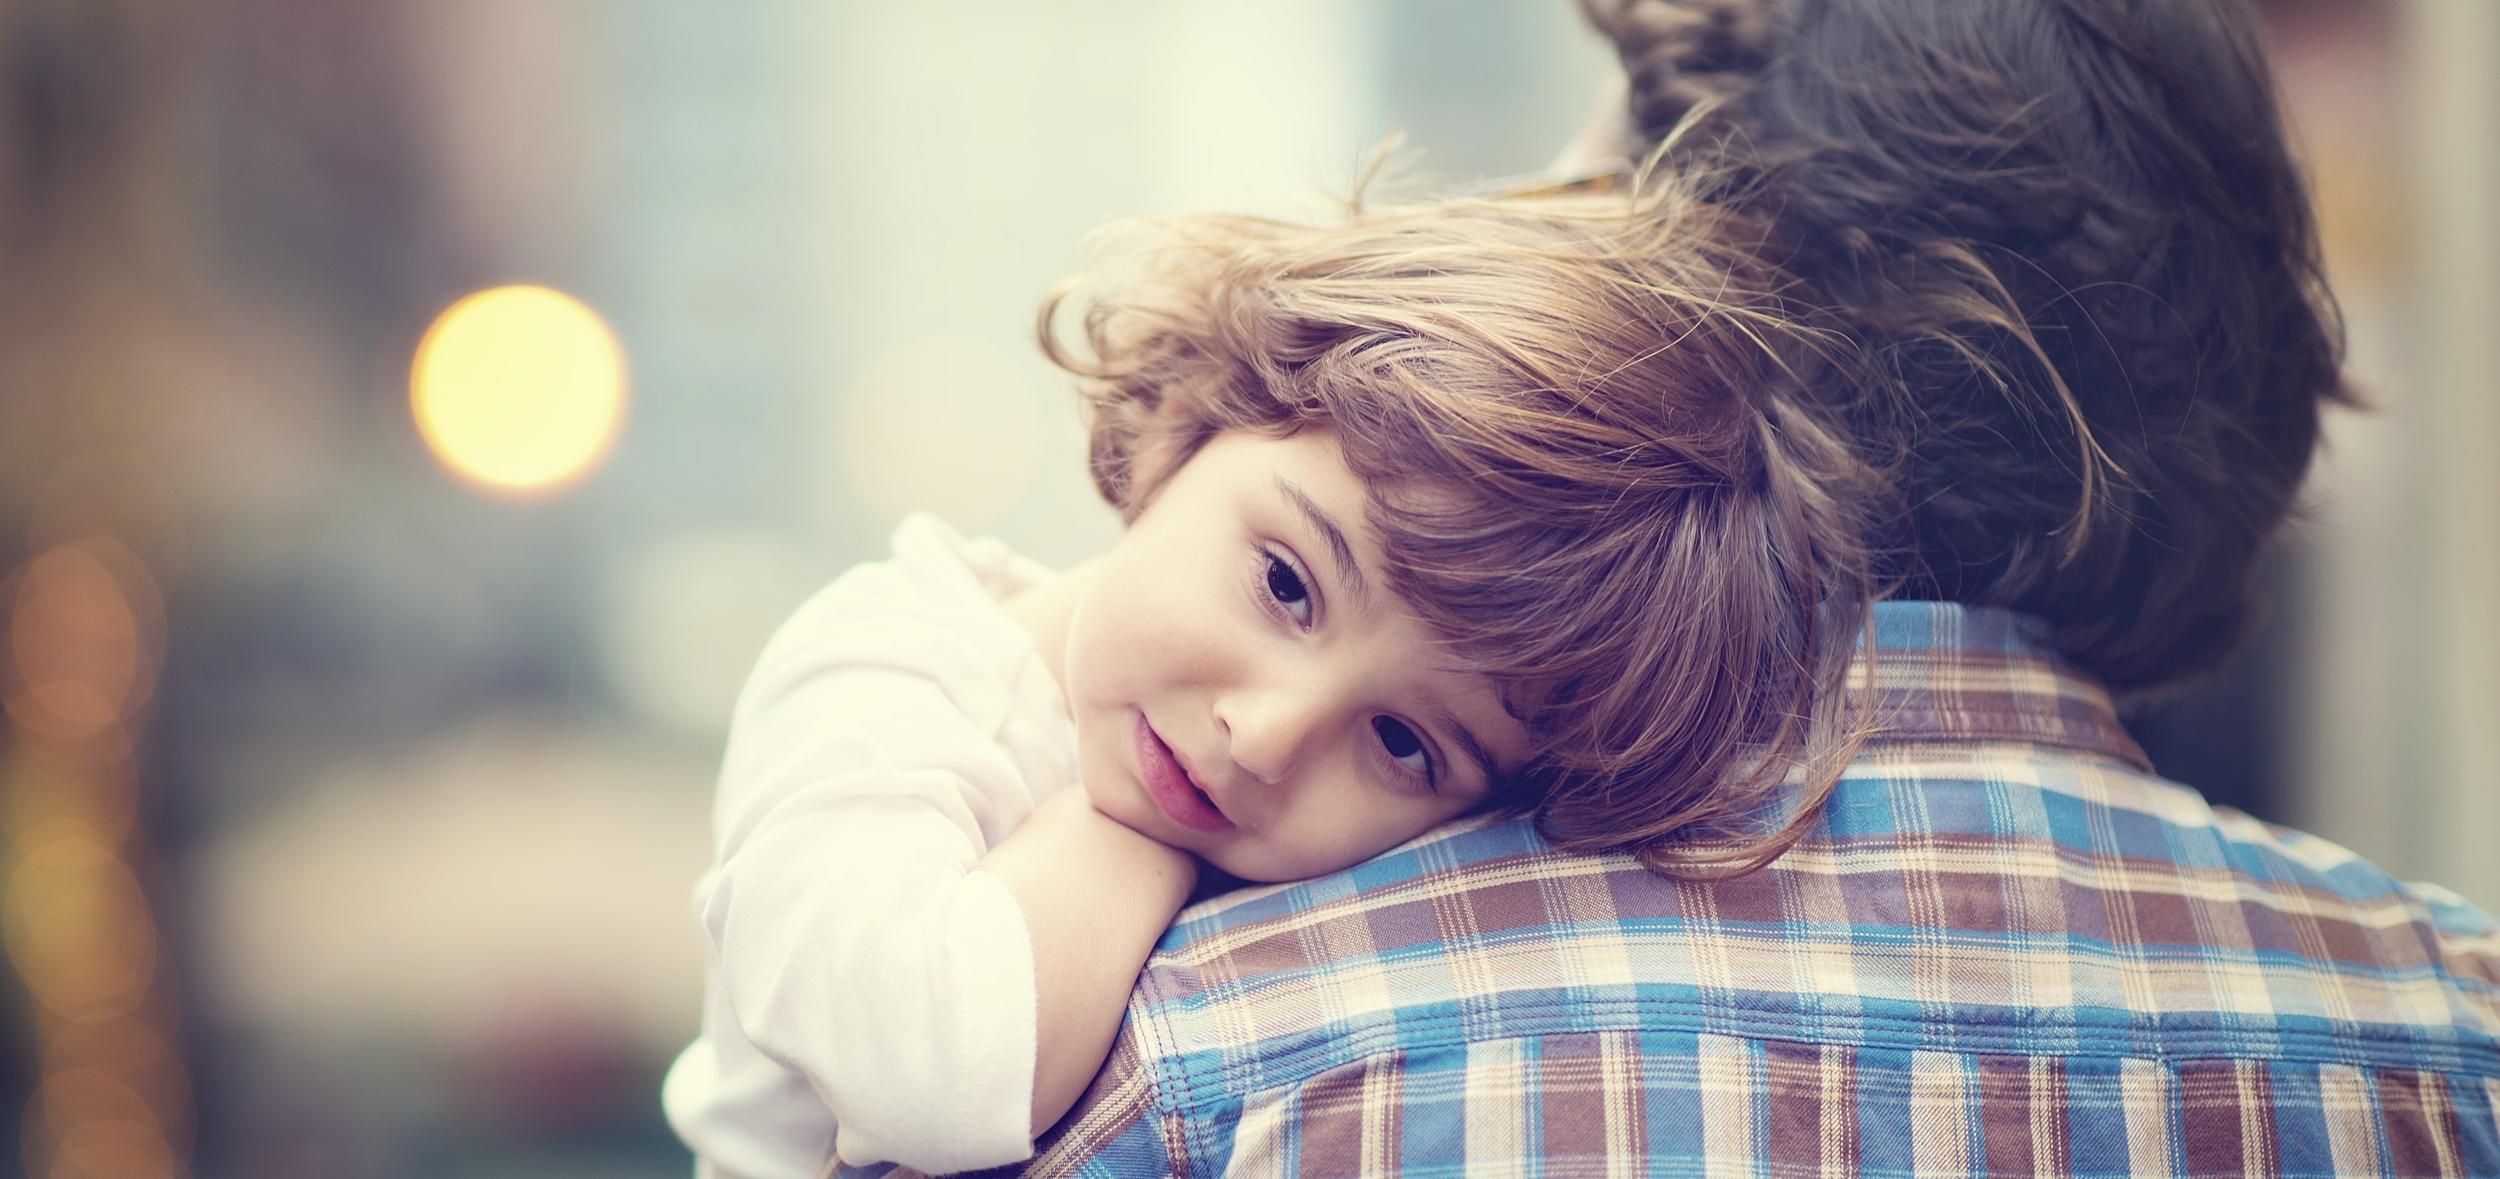 Preschooler with Parent, link to JFTN Preschool Admissions